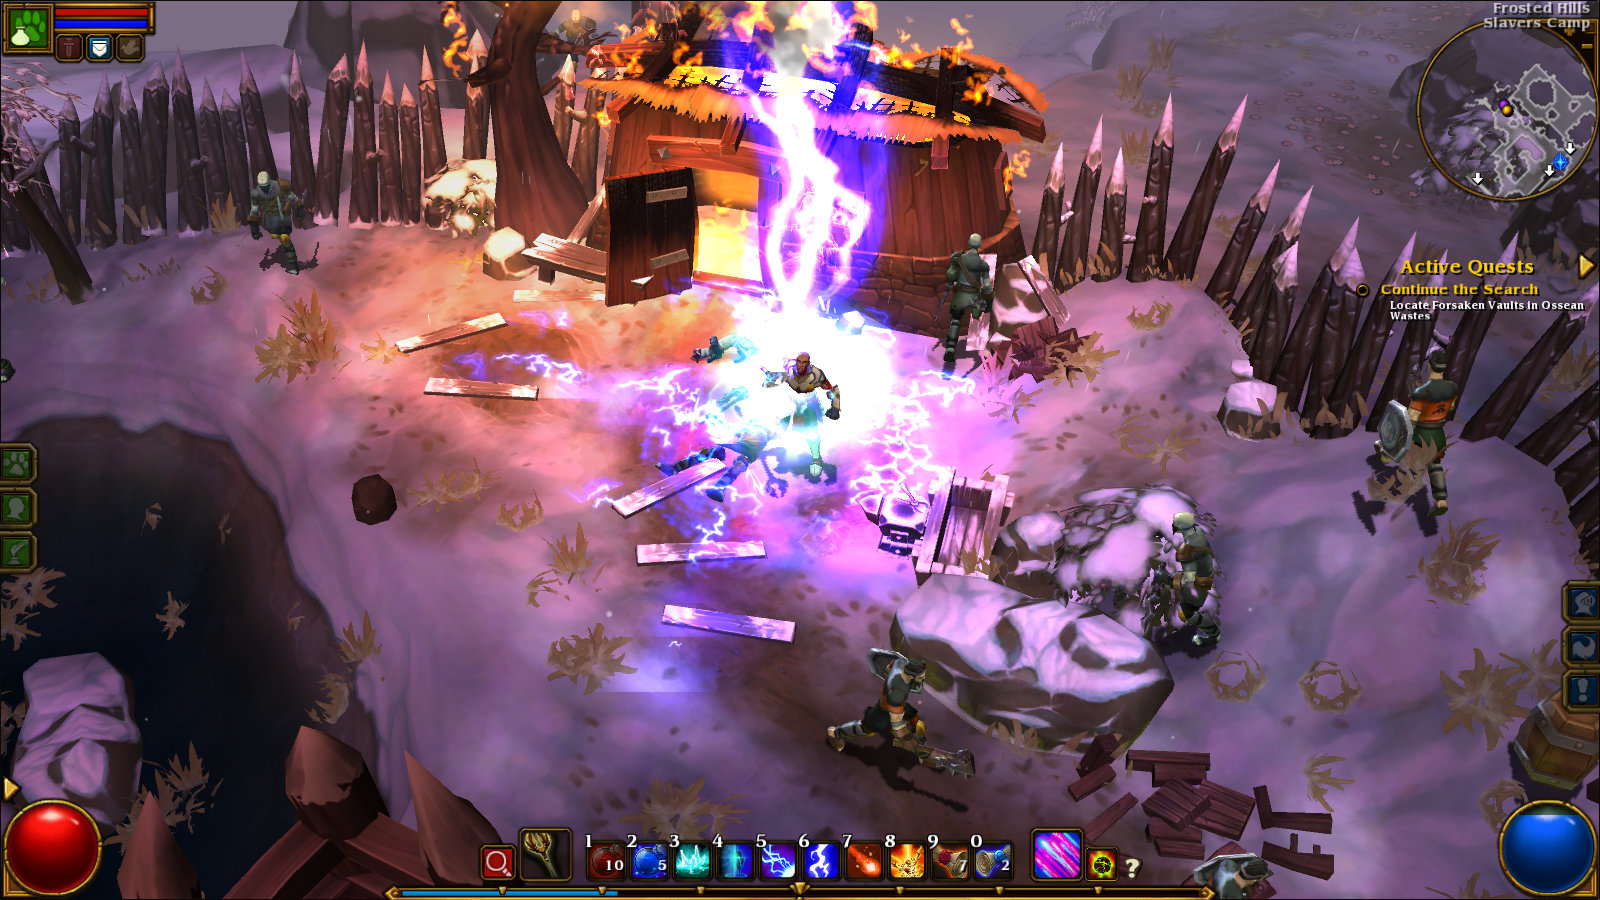 New Screenshots Appear-torchlight_2_5_devilgamer-jpg